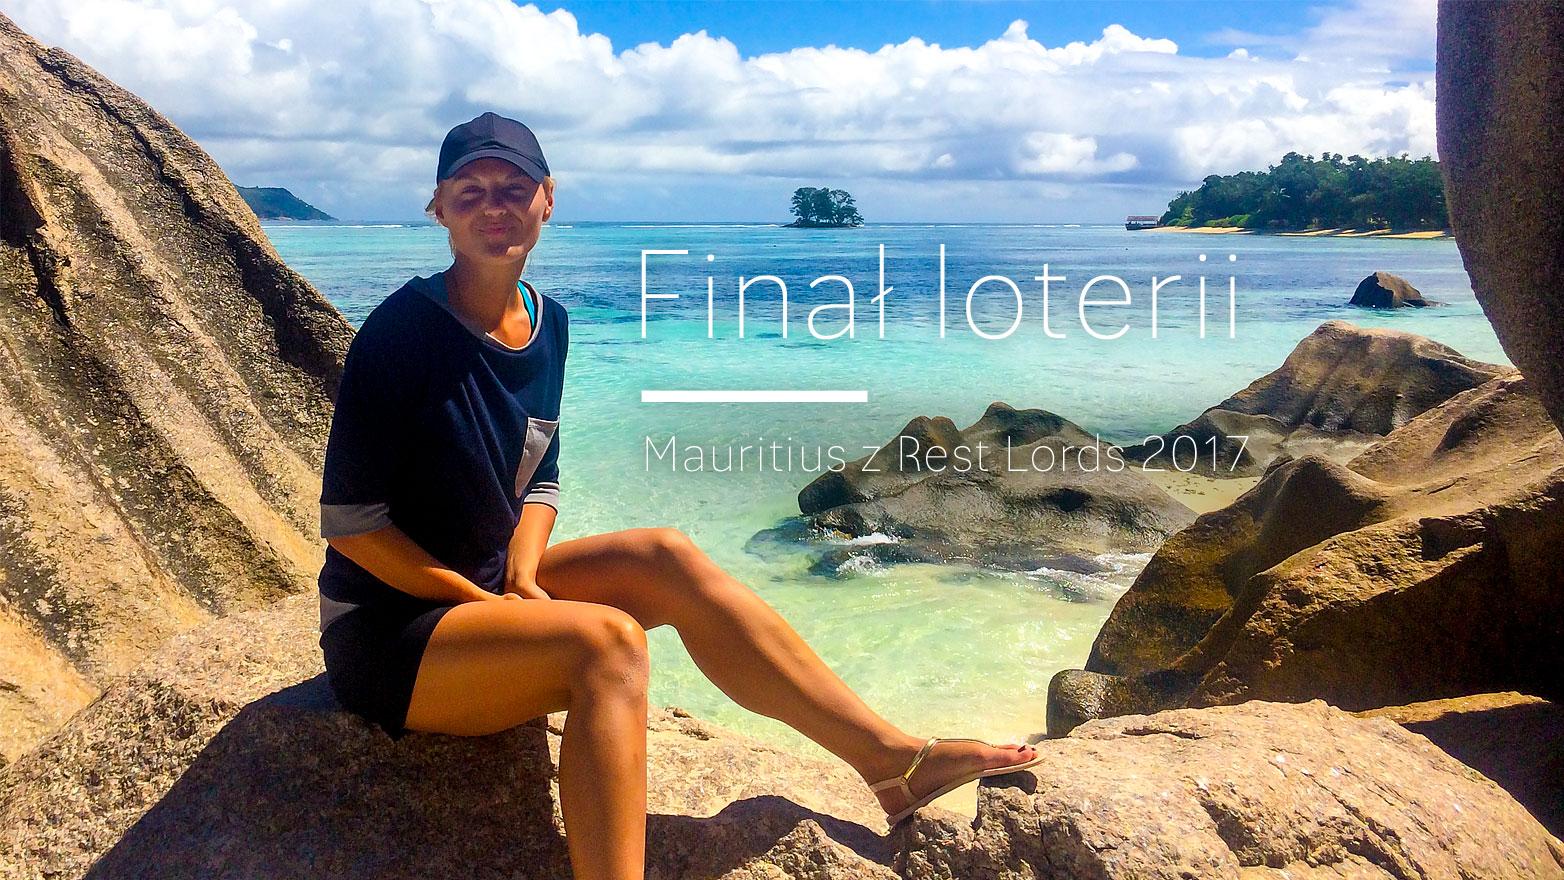 Mauritius z Rest Lords - podsumowanie I edycji Loterii